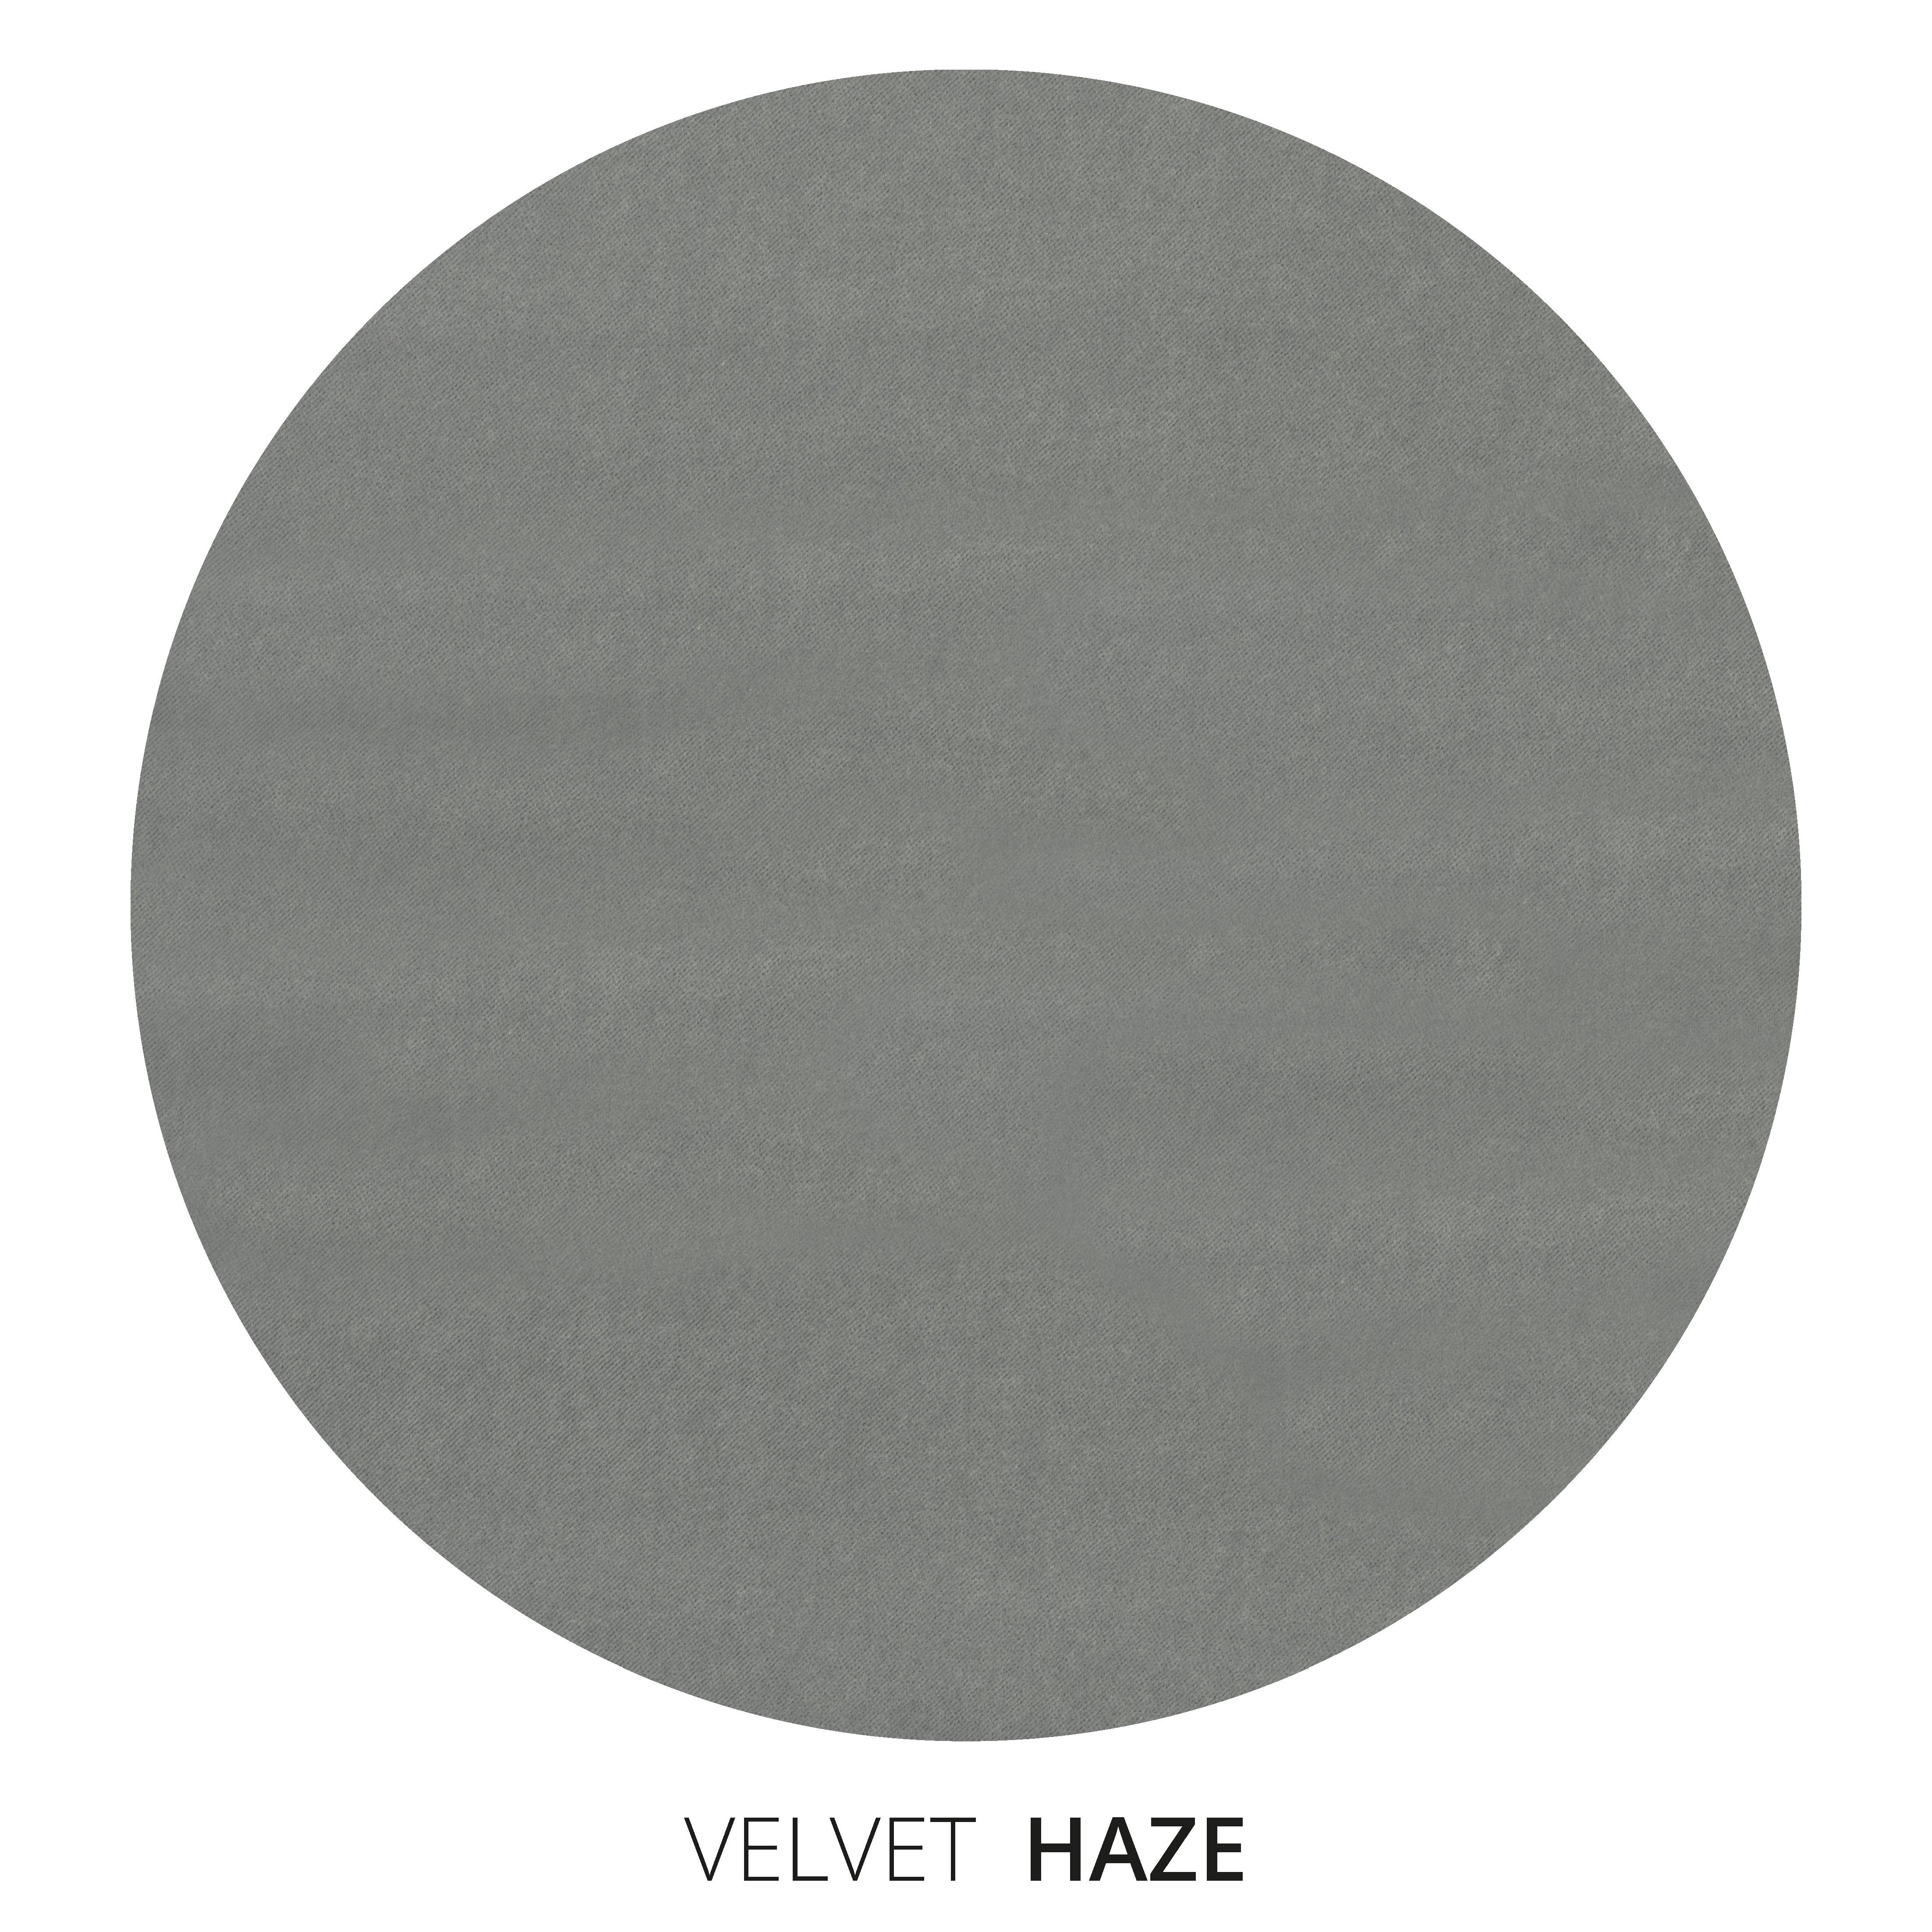 Haze Velvet Swatch